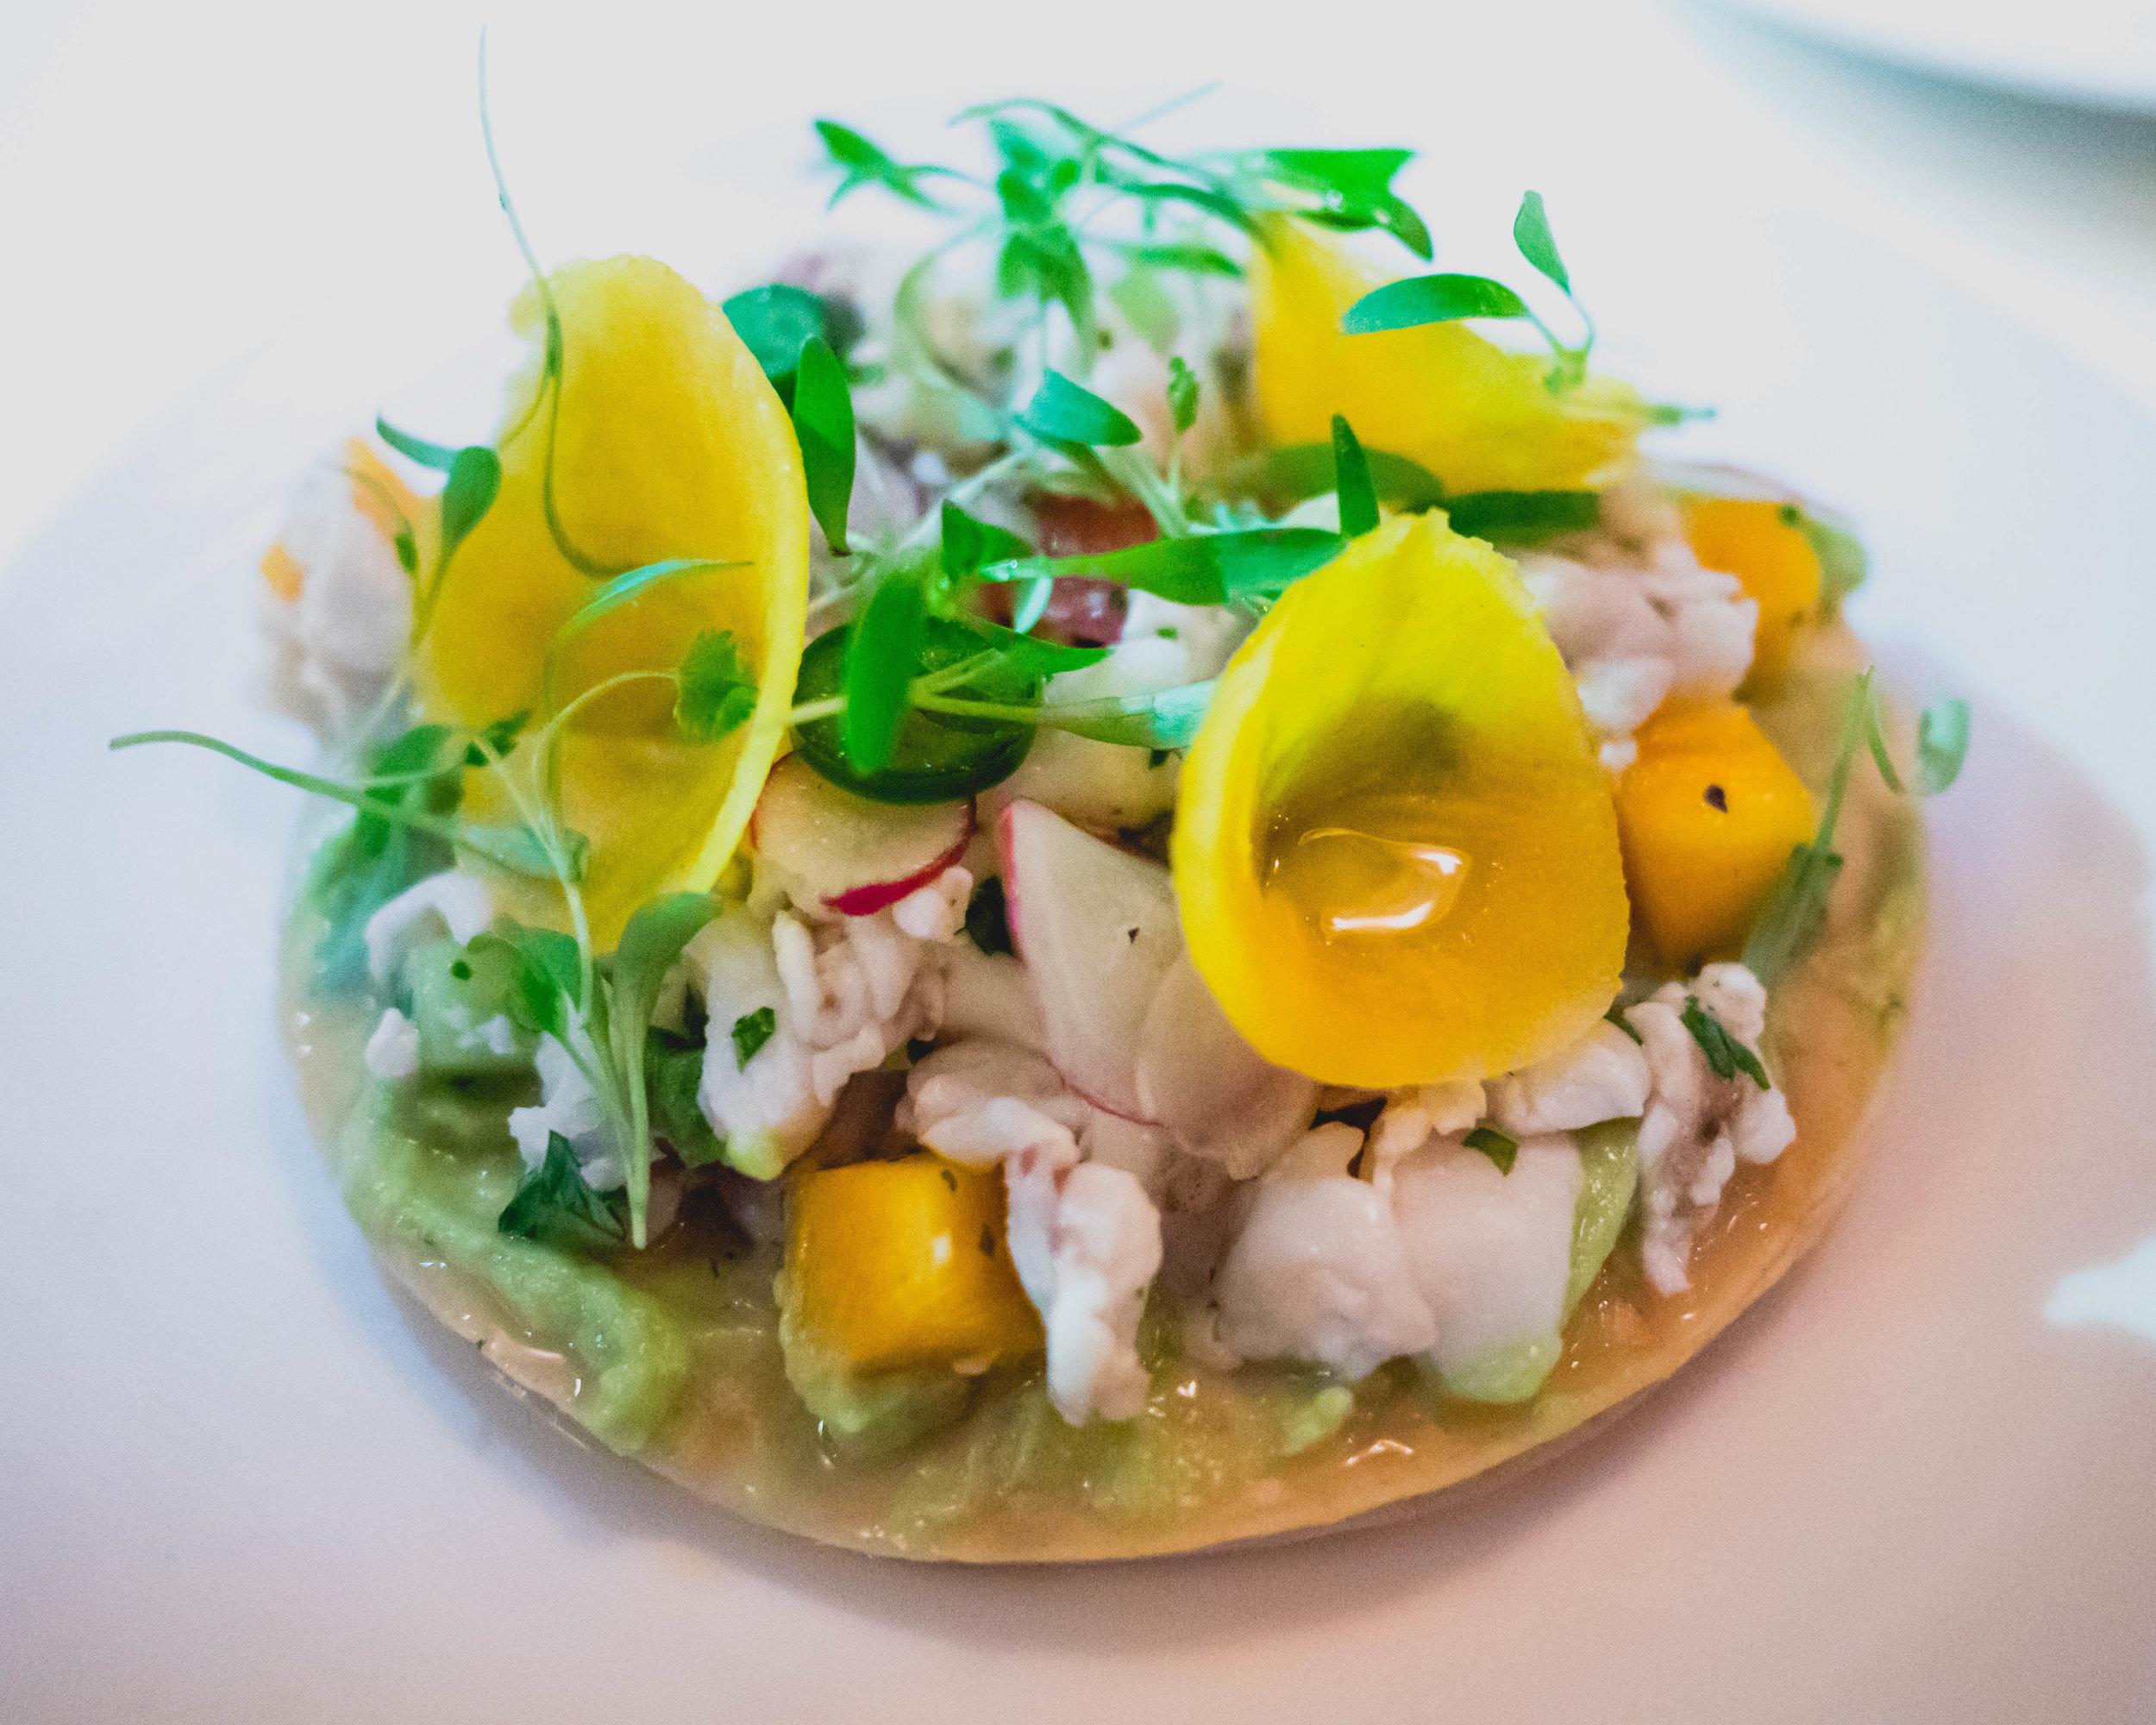 rockfish and shrimp ceviche  with persimmon, radish, serrano, cilantro, avocado, lime.